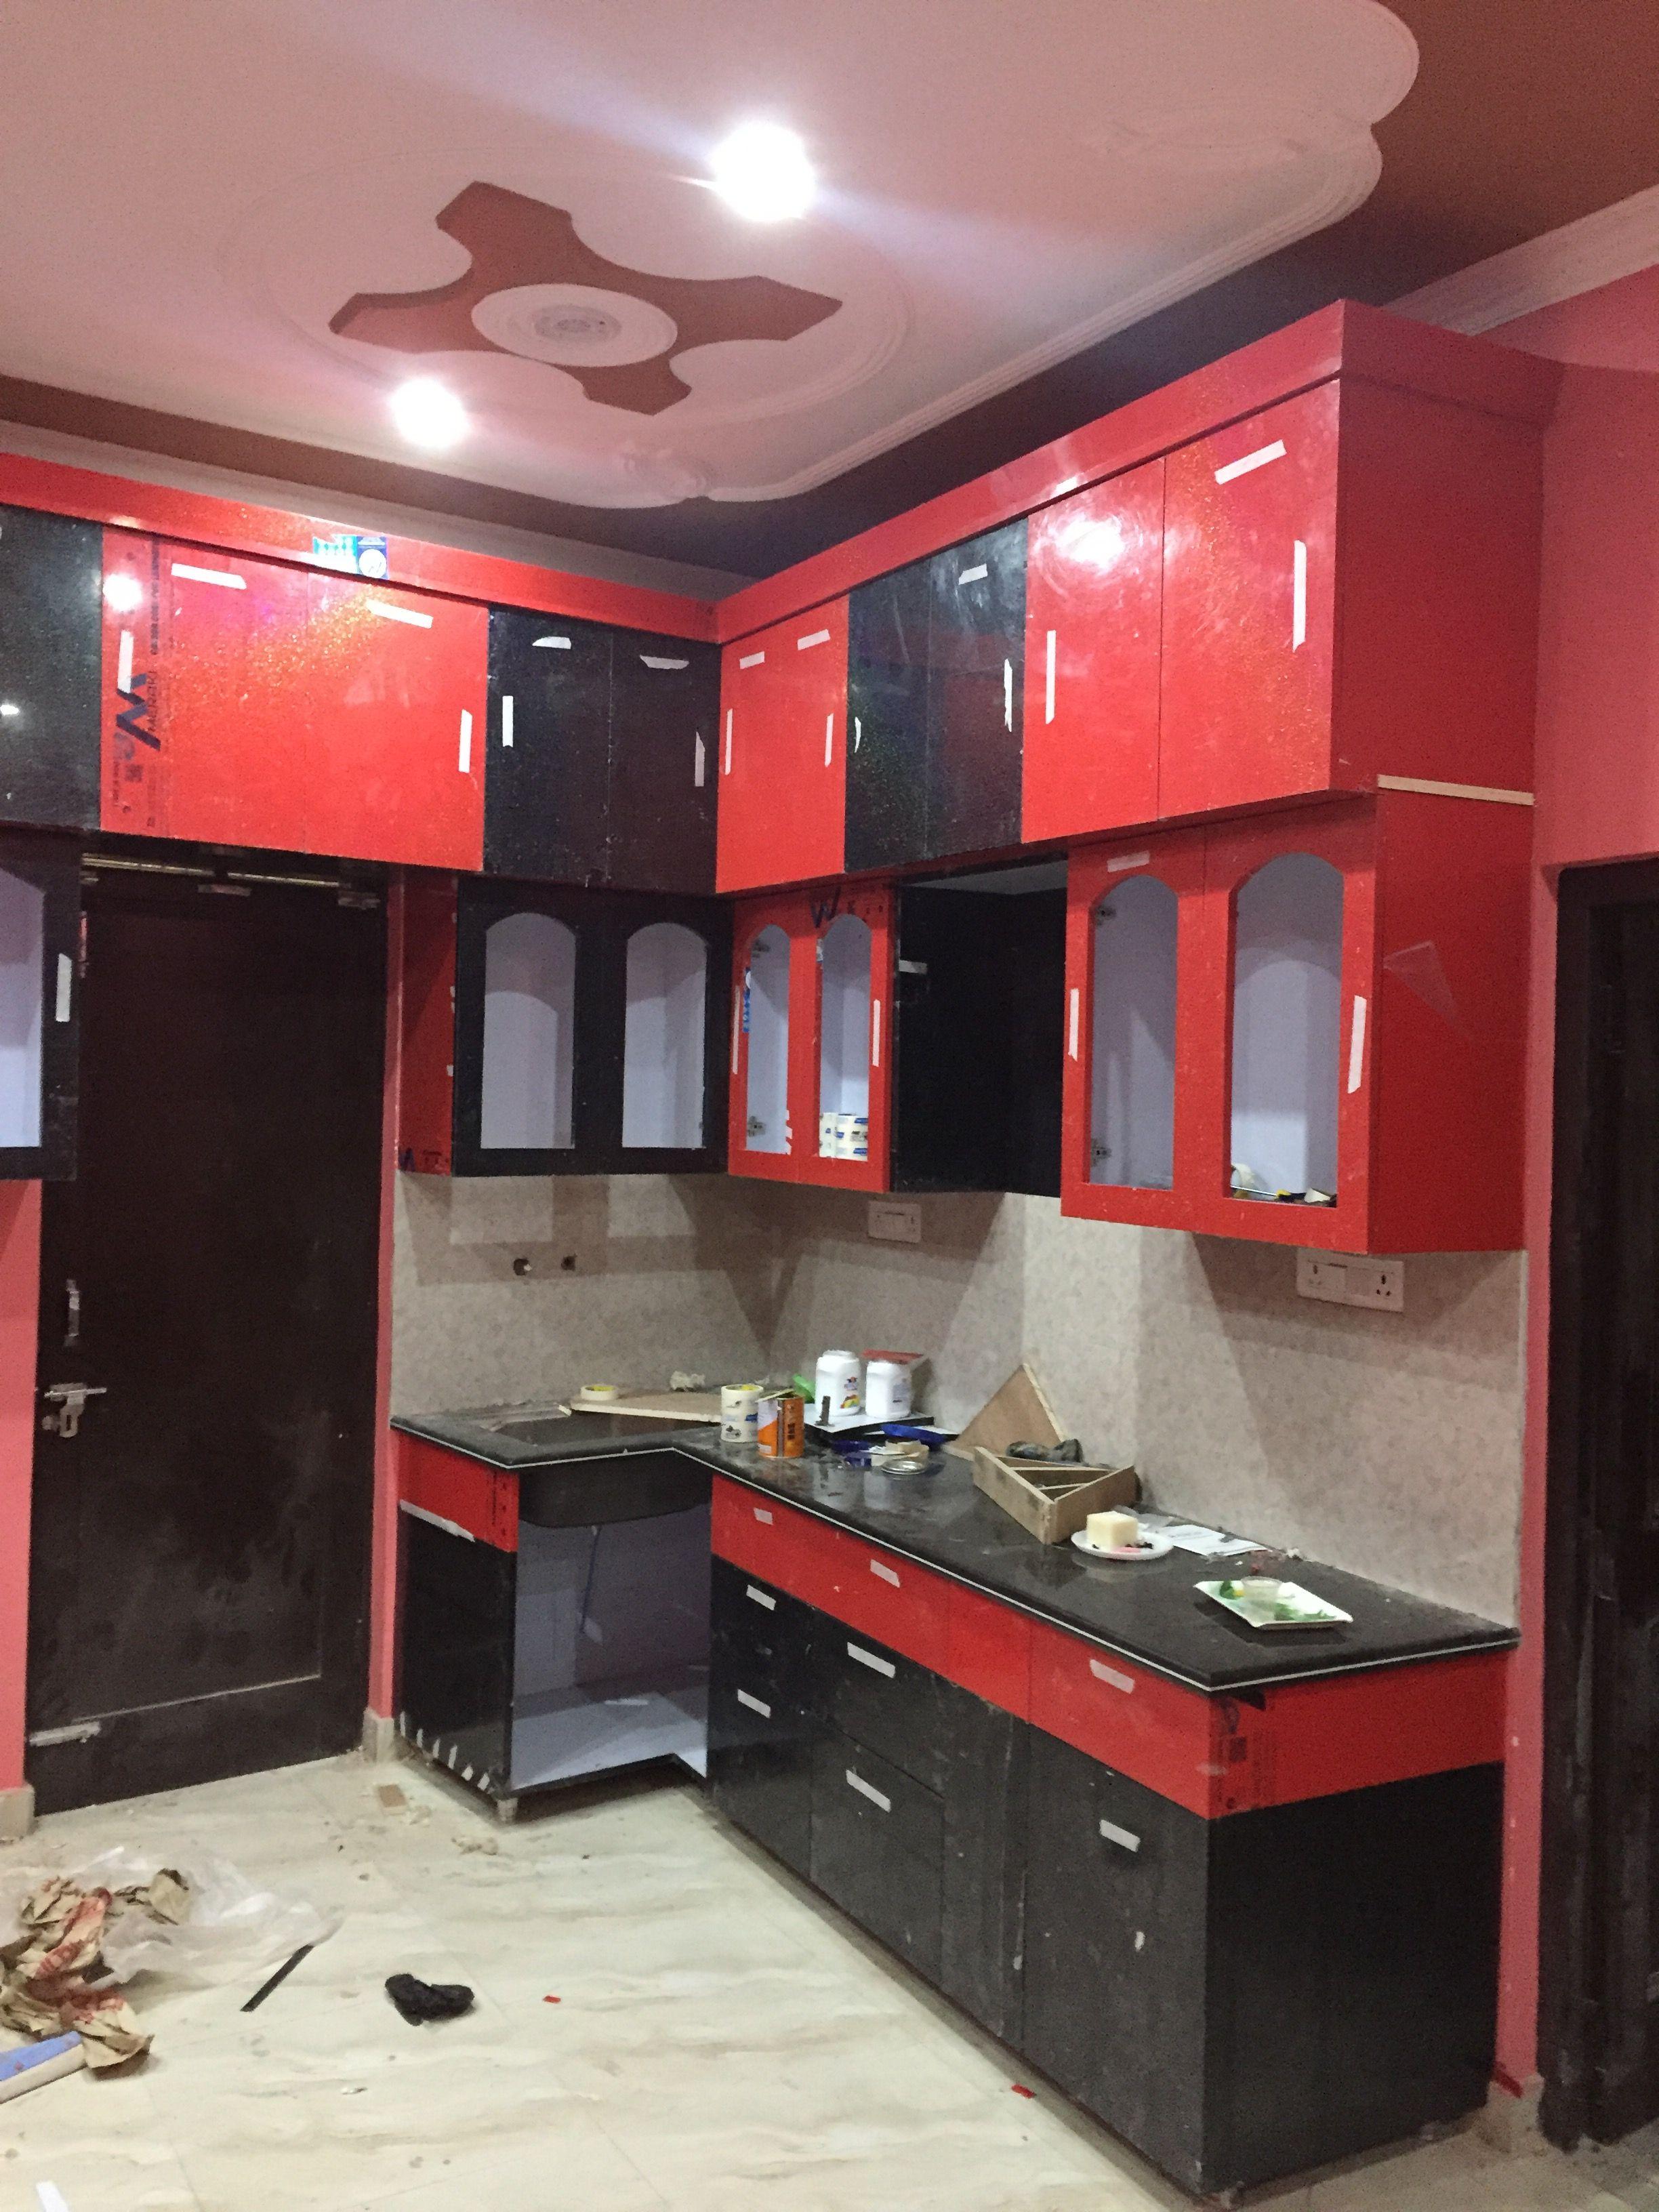 Pin By ادمكو تال On Diy Kitchen Kitchen Furniture Design Kitchen Interior Design Modern Kitchen Design Plans